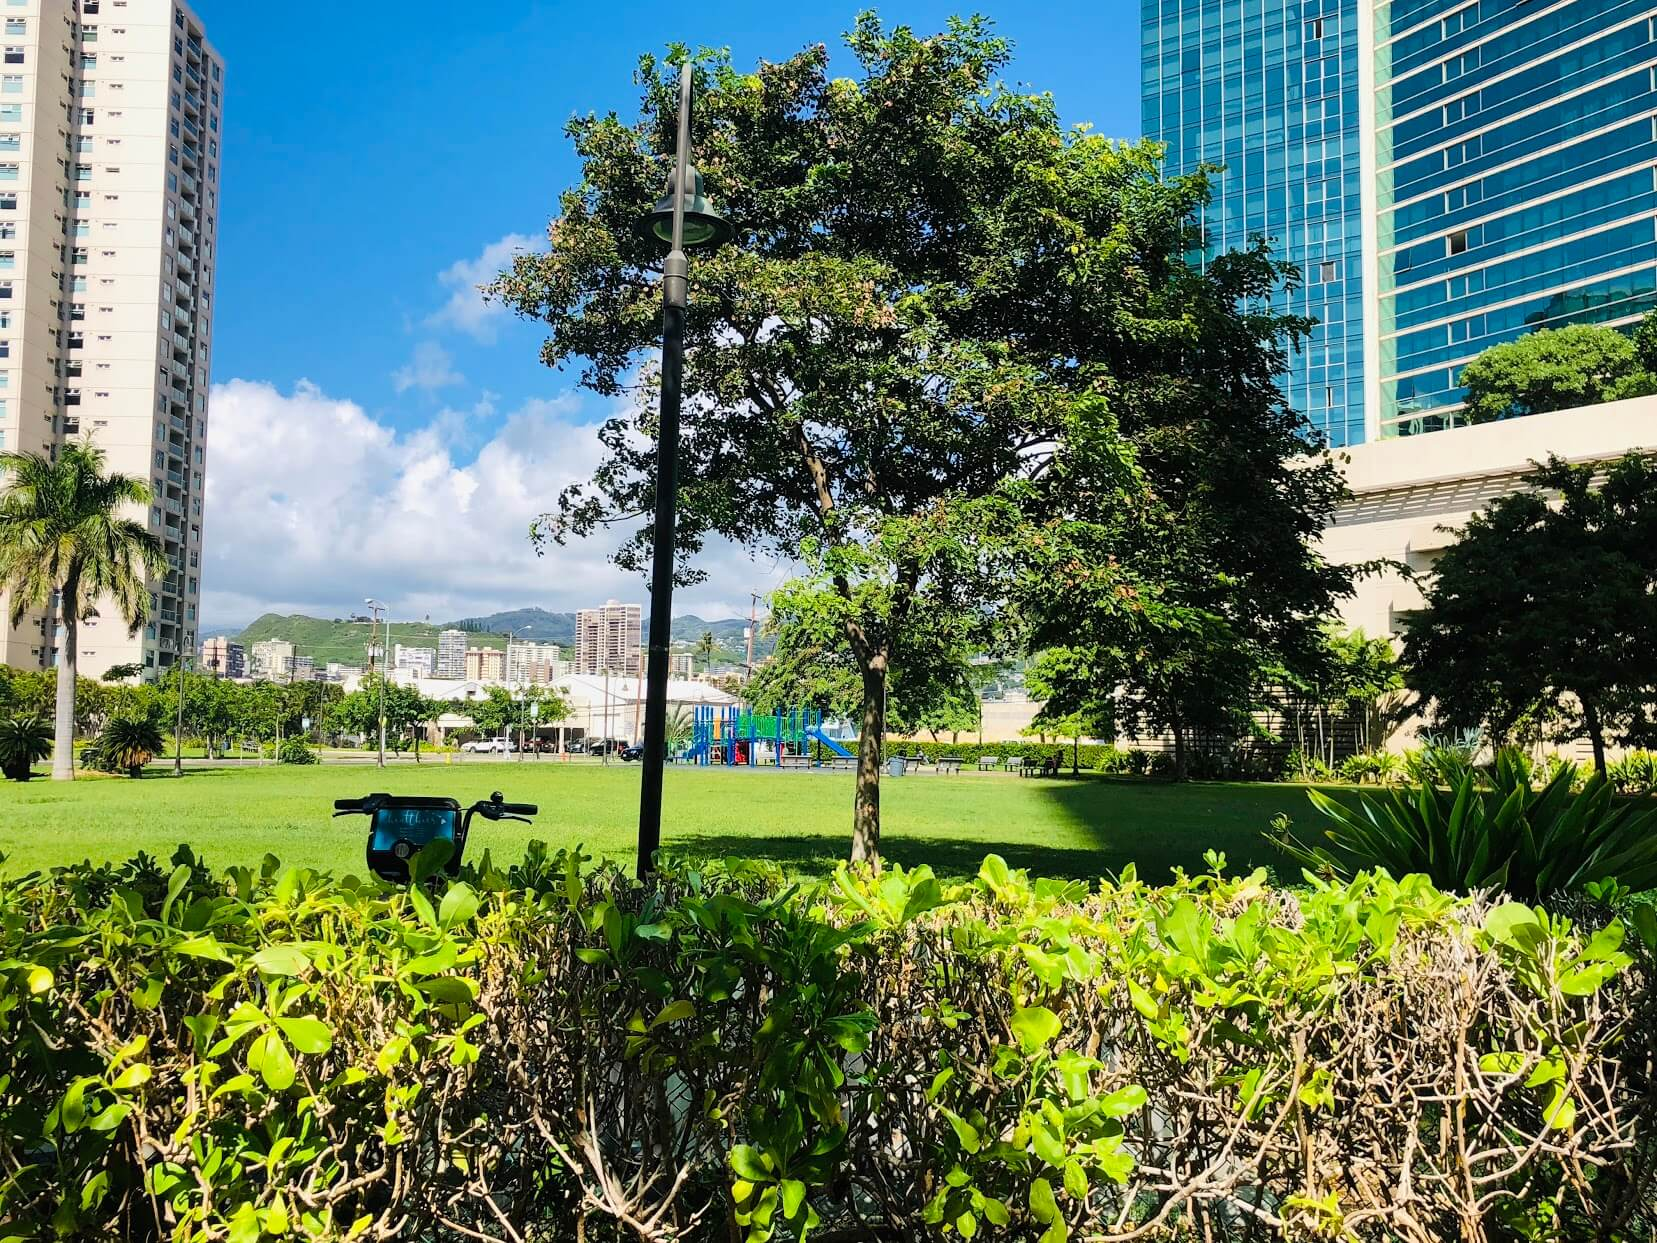 Hokuaの芝生